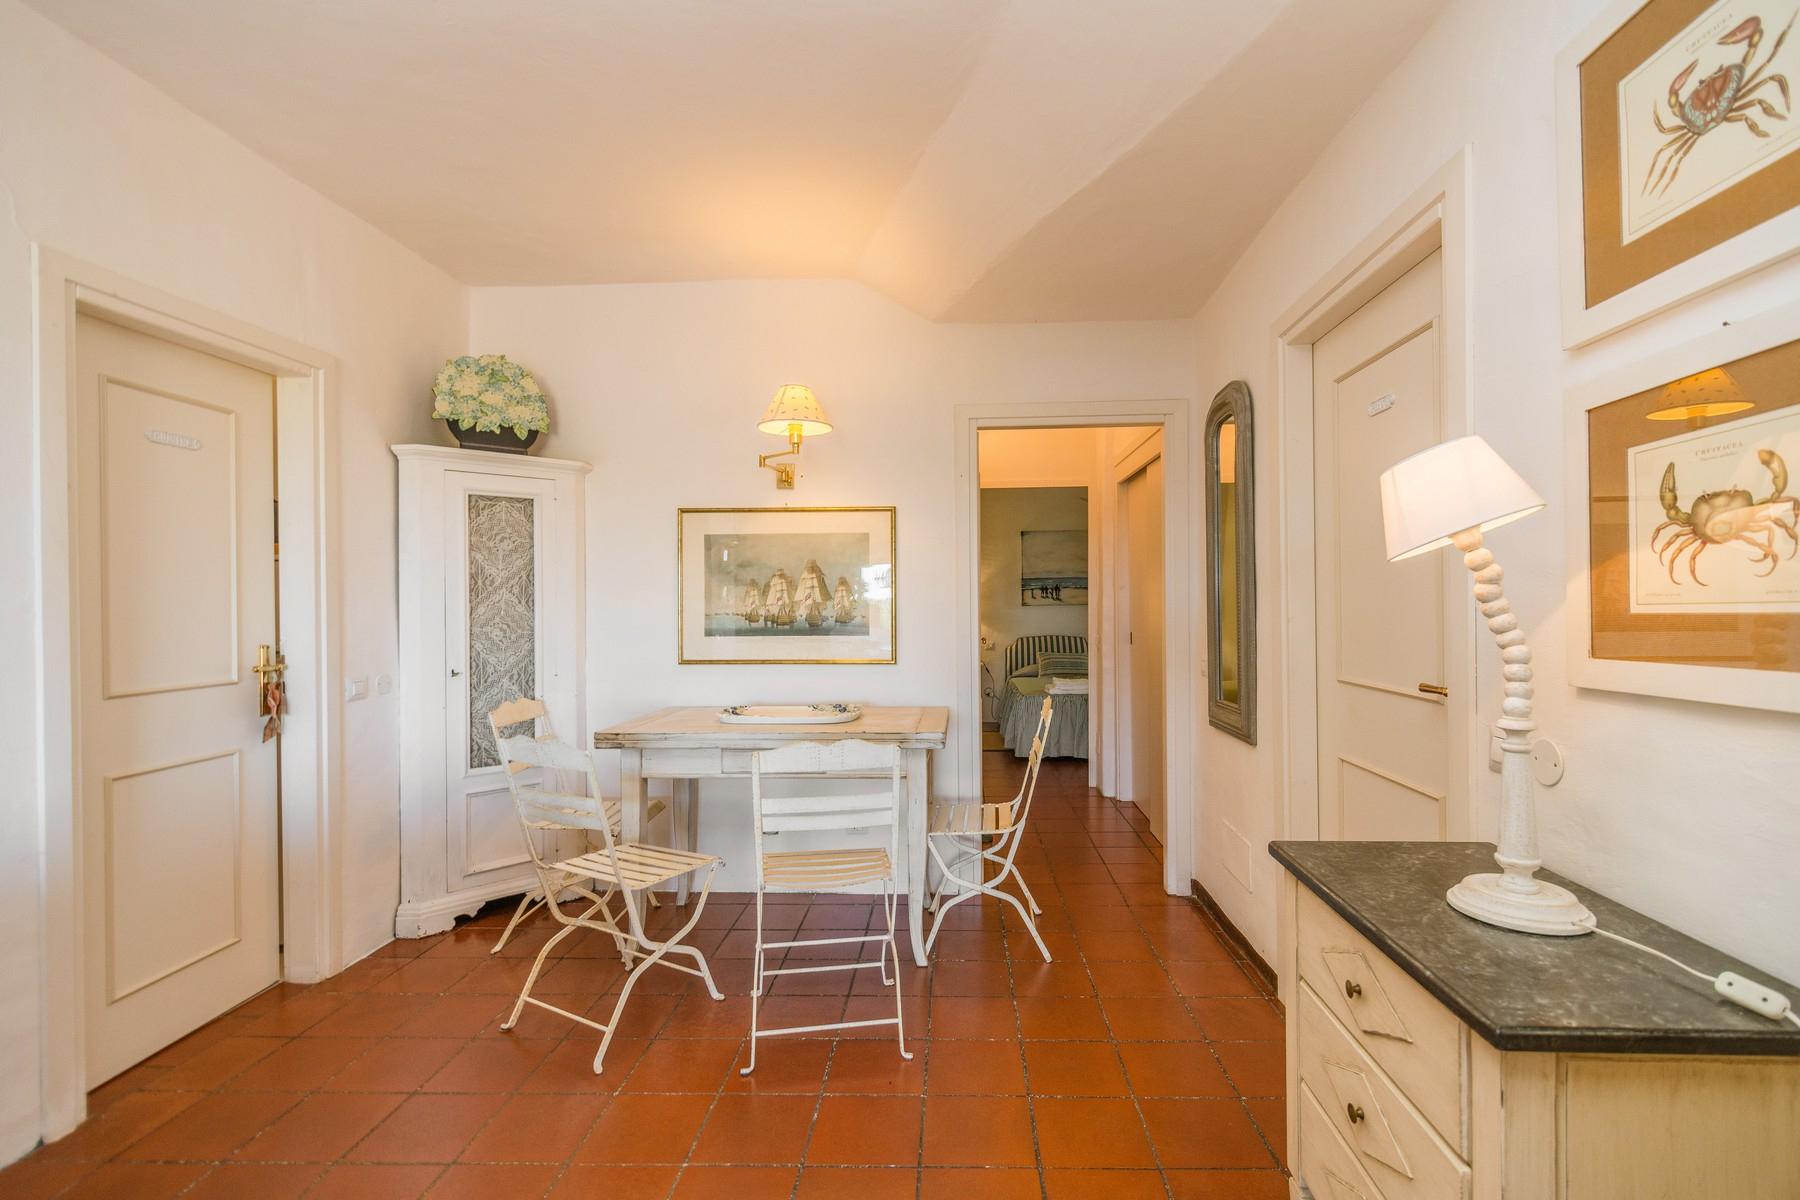 Appartamento in Vendita a Arzachena: 5 locali, 105 mq - Foto 11